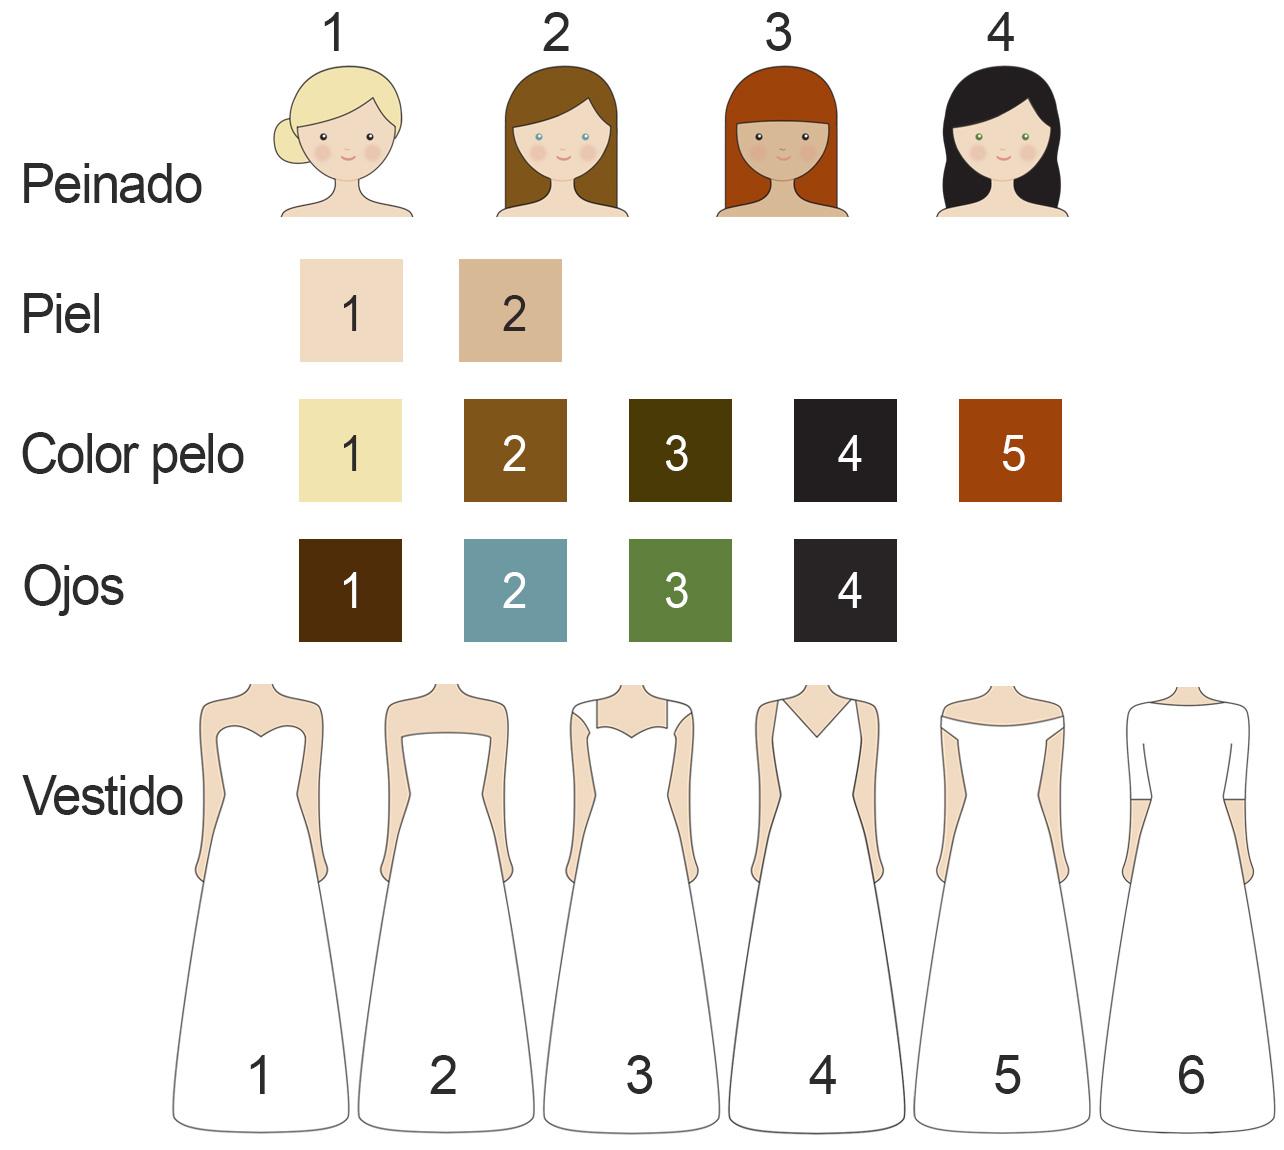 Imagen de producto: https://tienda.postreadiccion.com/img/articulos/secundarias3935_____1822_____Opciones_novia.jpg